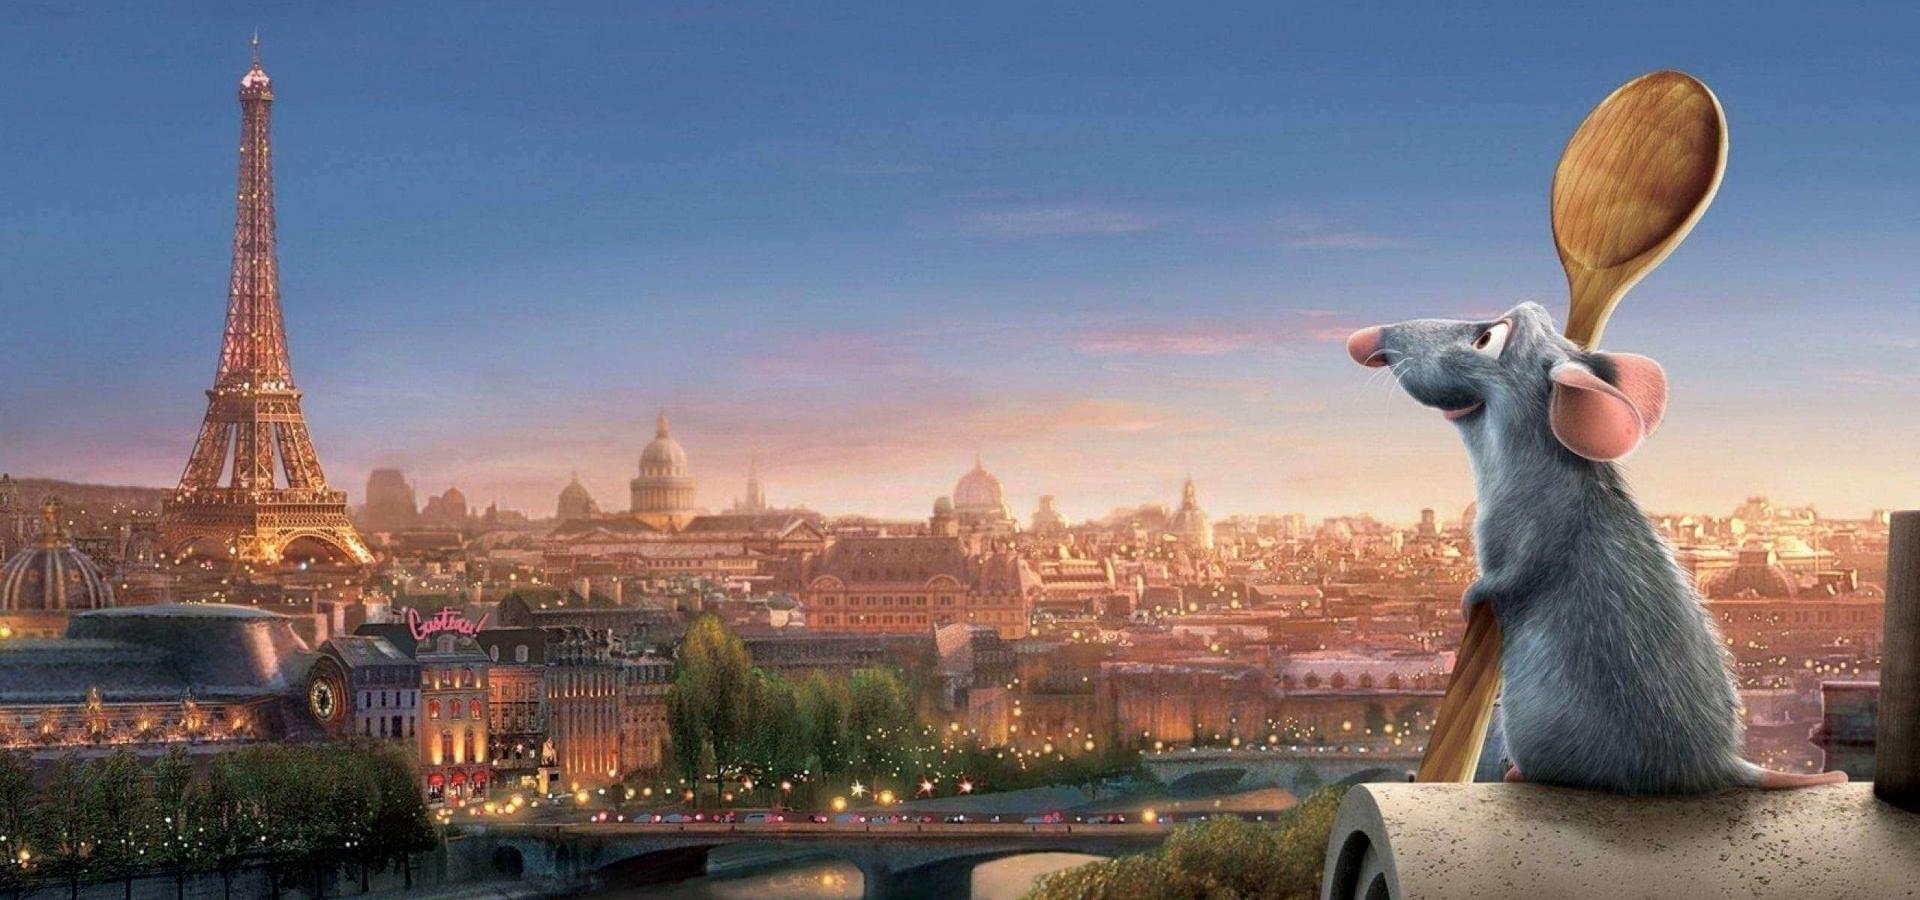 DISNEYLAND PARÍS -  Estreno de la atracción Ratatouille este verano